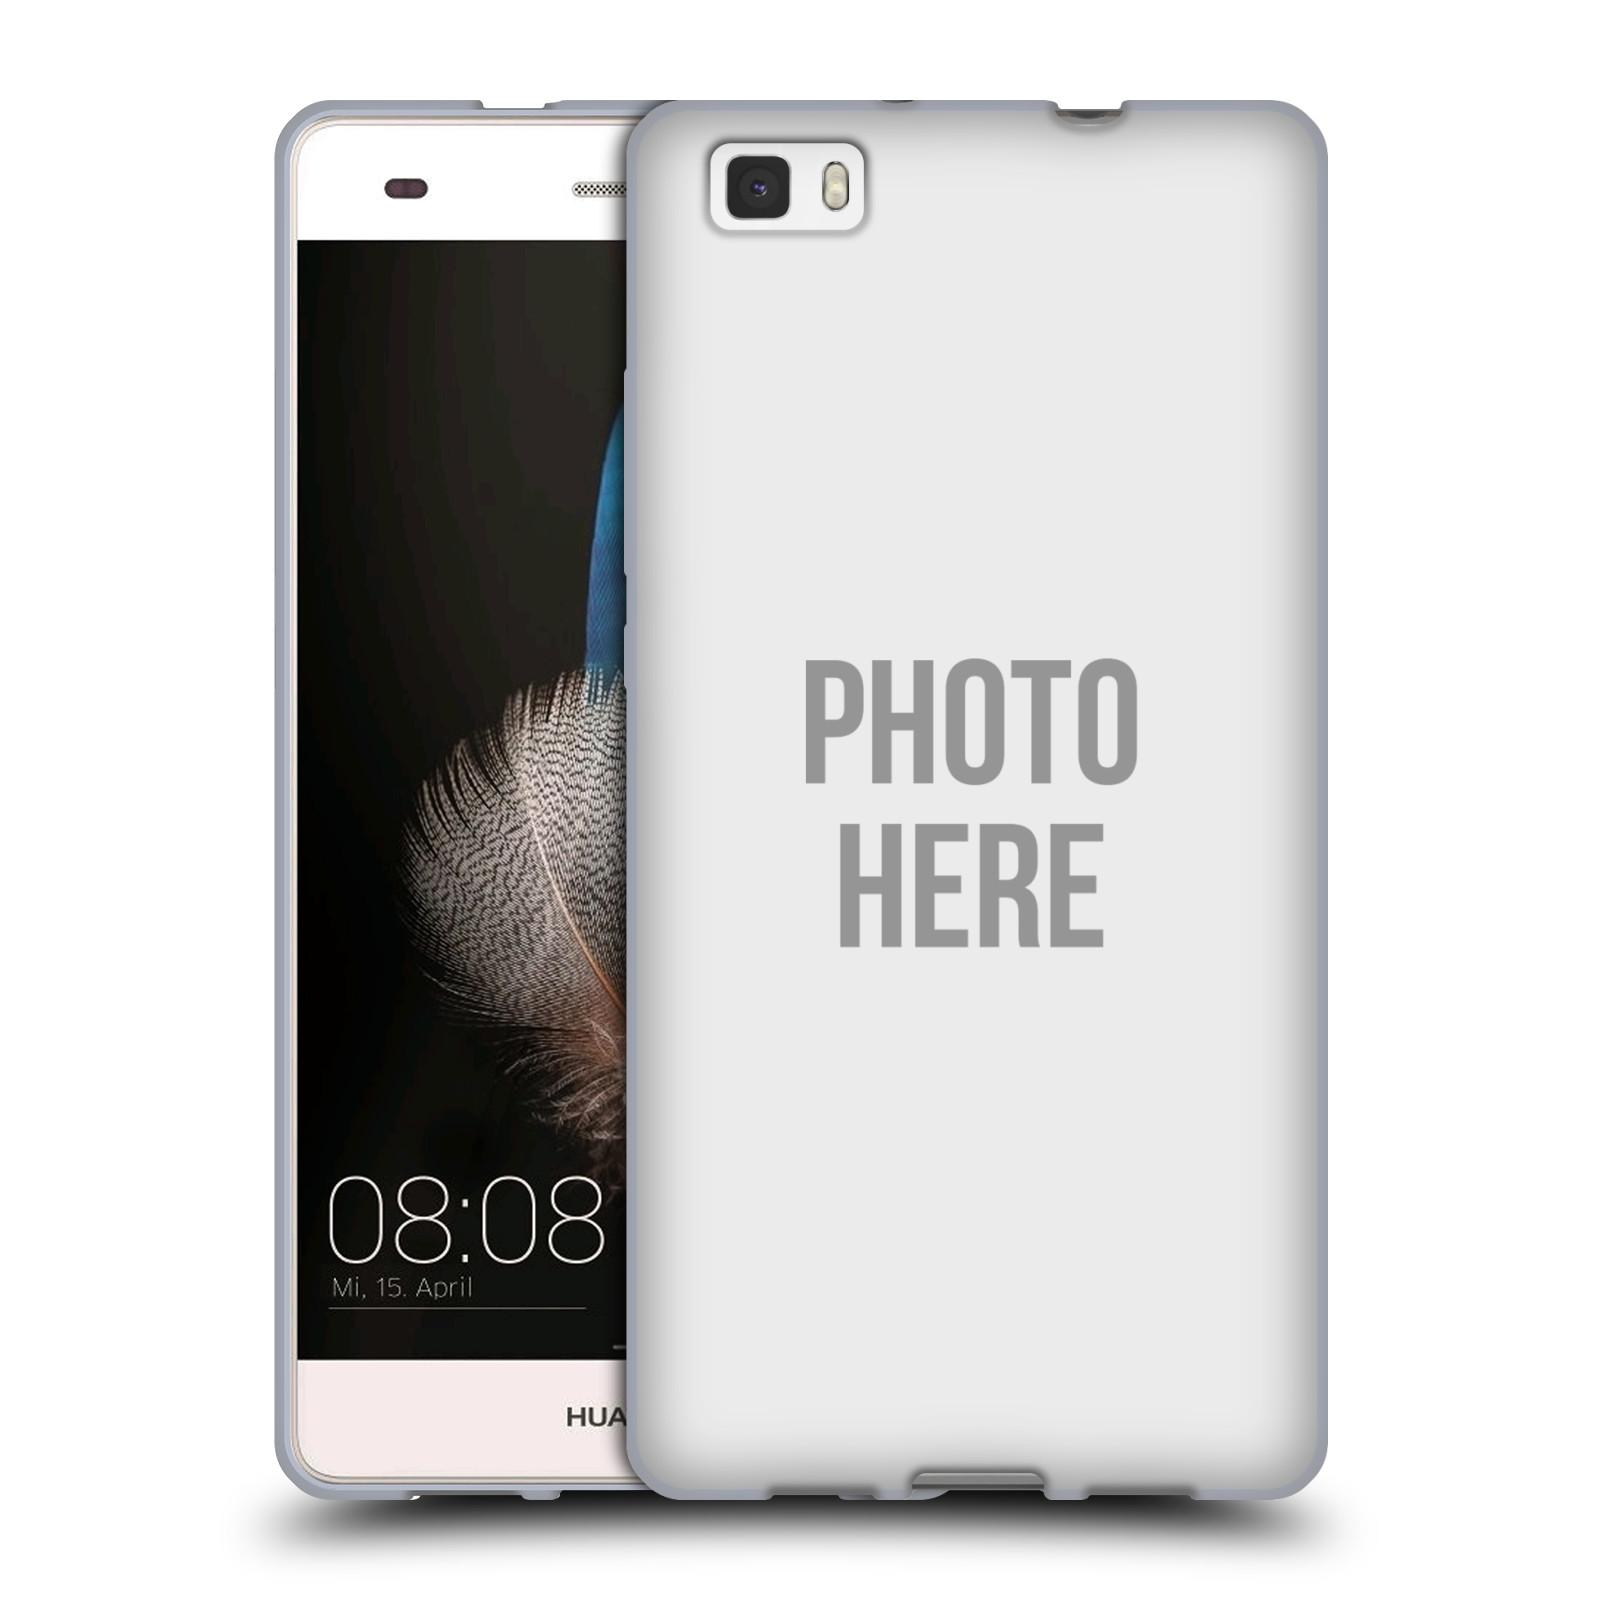 Silikonové pouzdro na mobil Huawei P8 Lite HEAD CASE s vlastním motivem